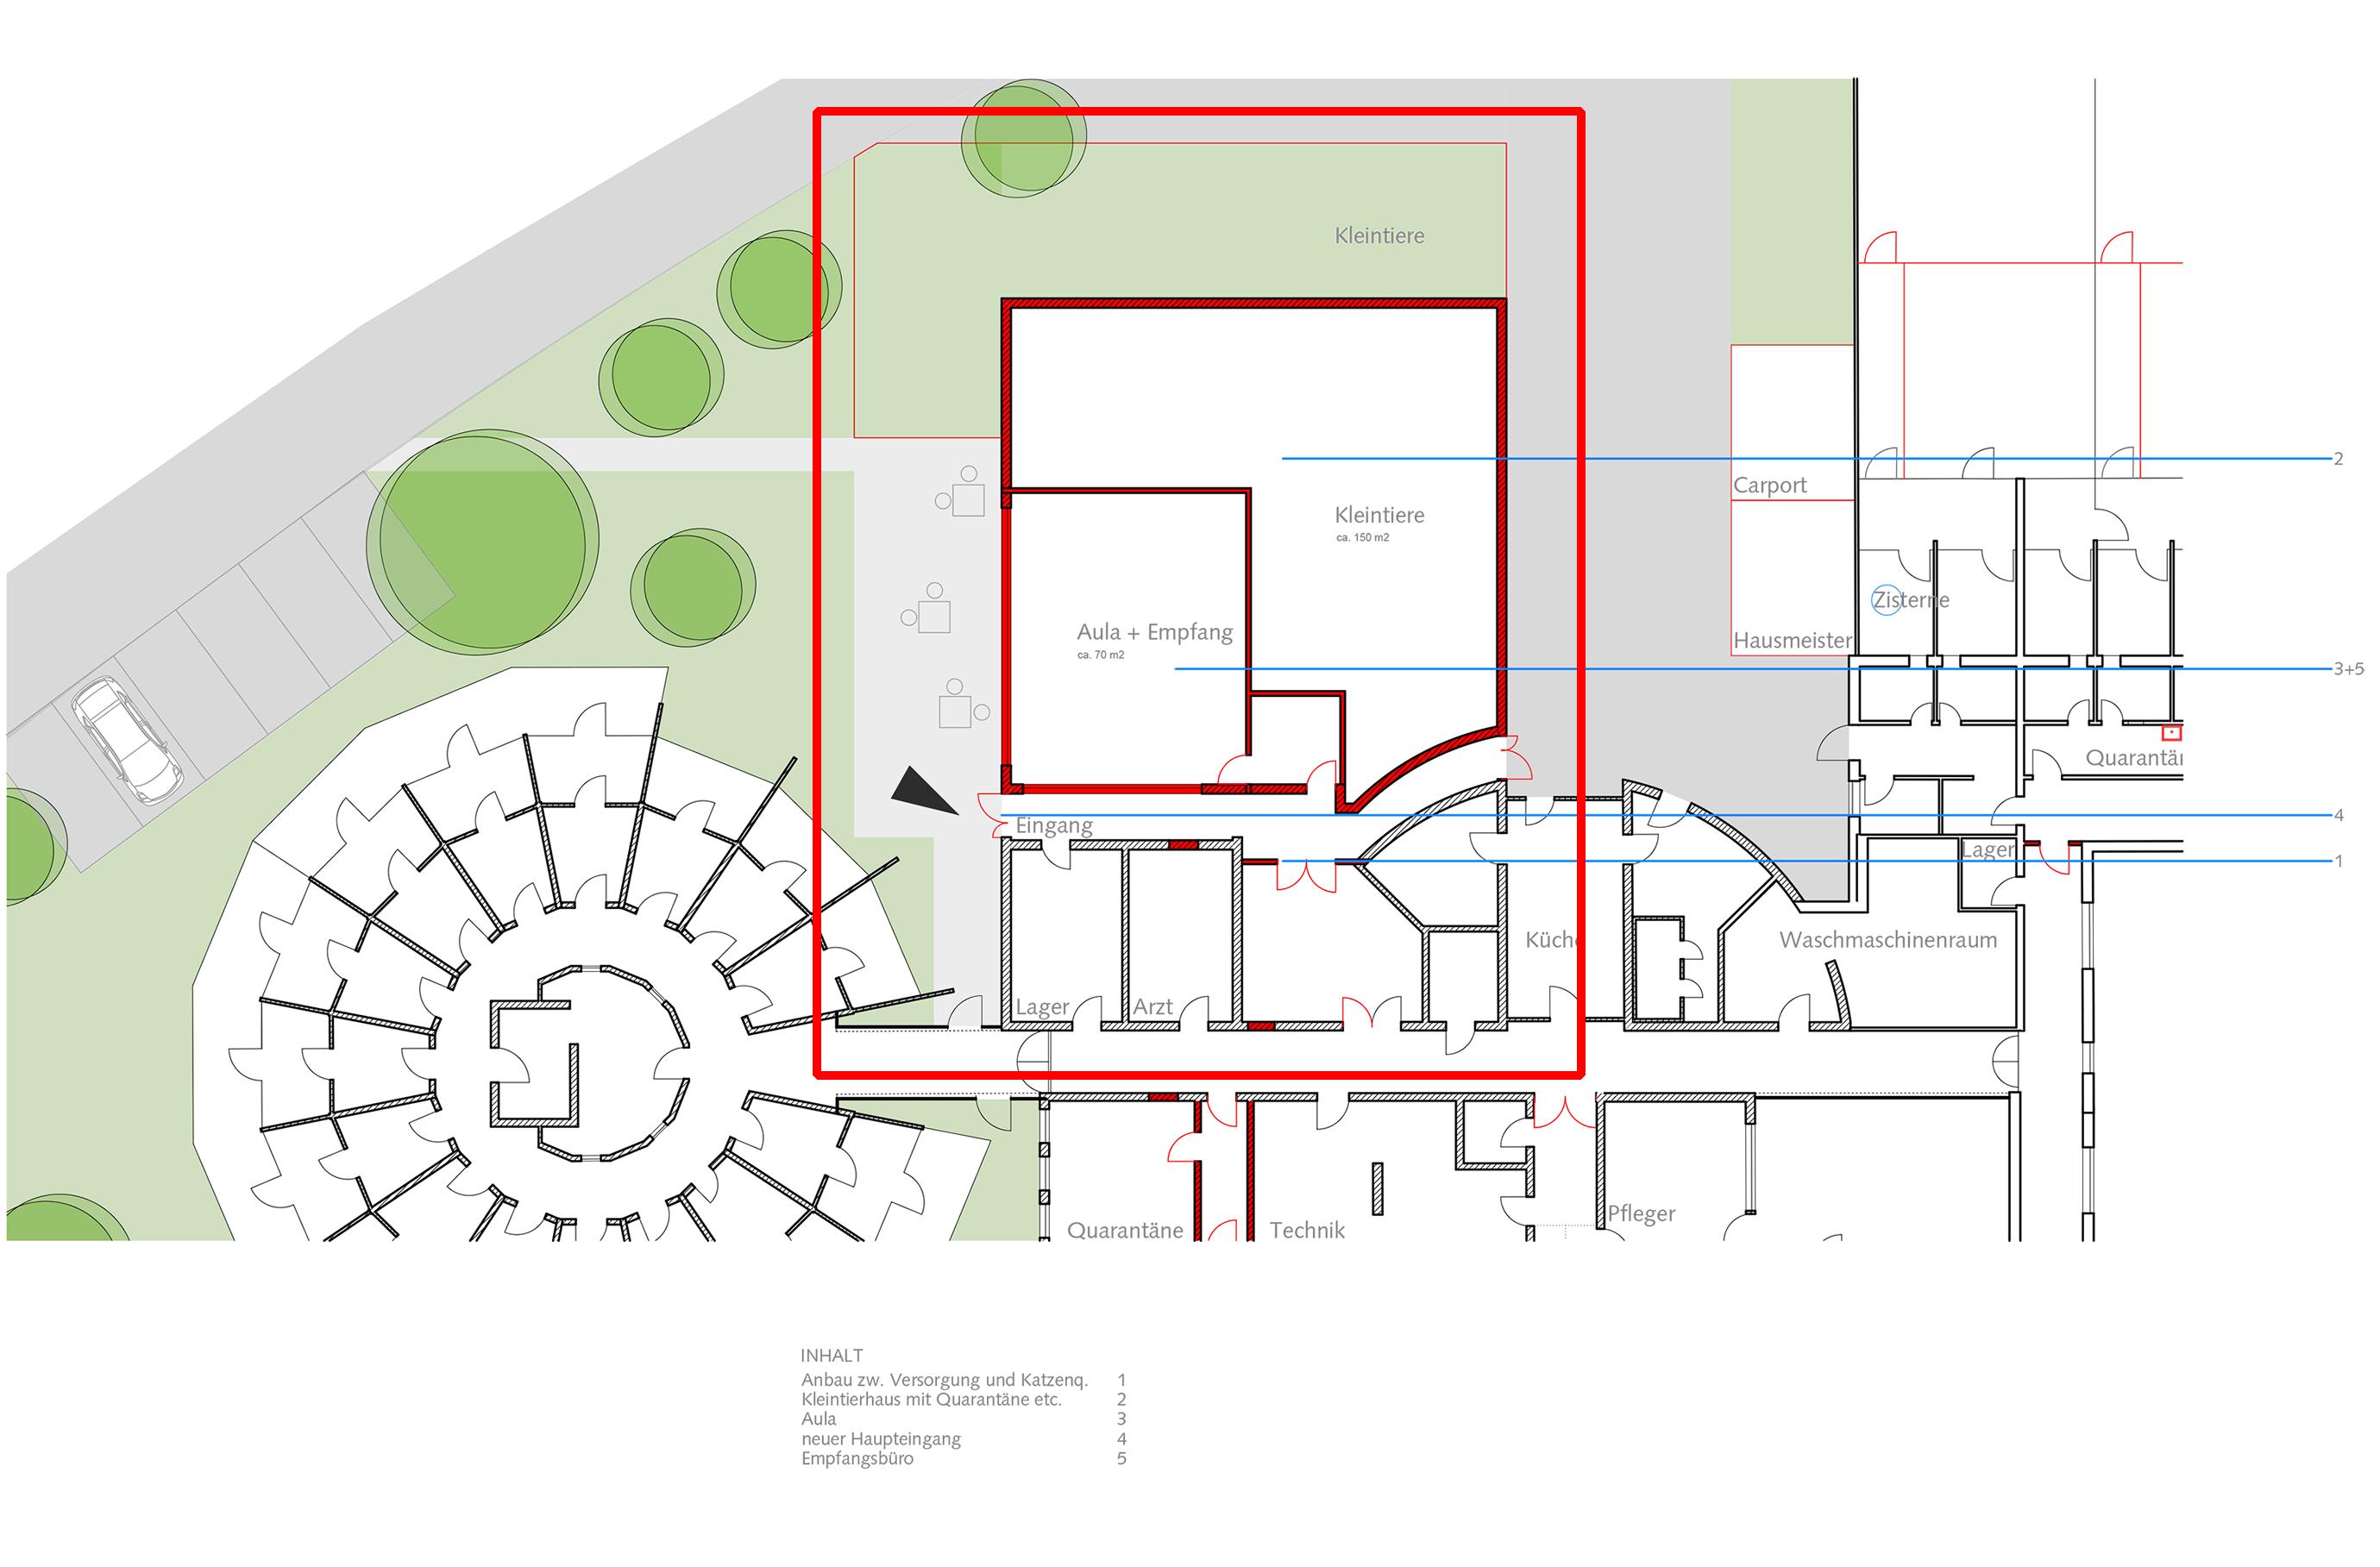 die tiergemeinschaft w chst ihr haus muss nun auch wachsen blauhaus architekten. Black Bedroom Furniture Sets. Home Design Ideas